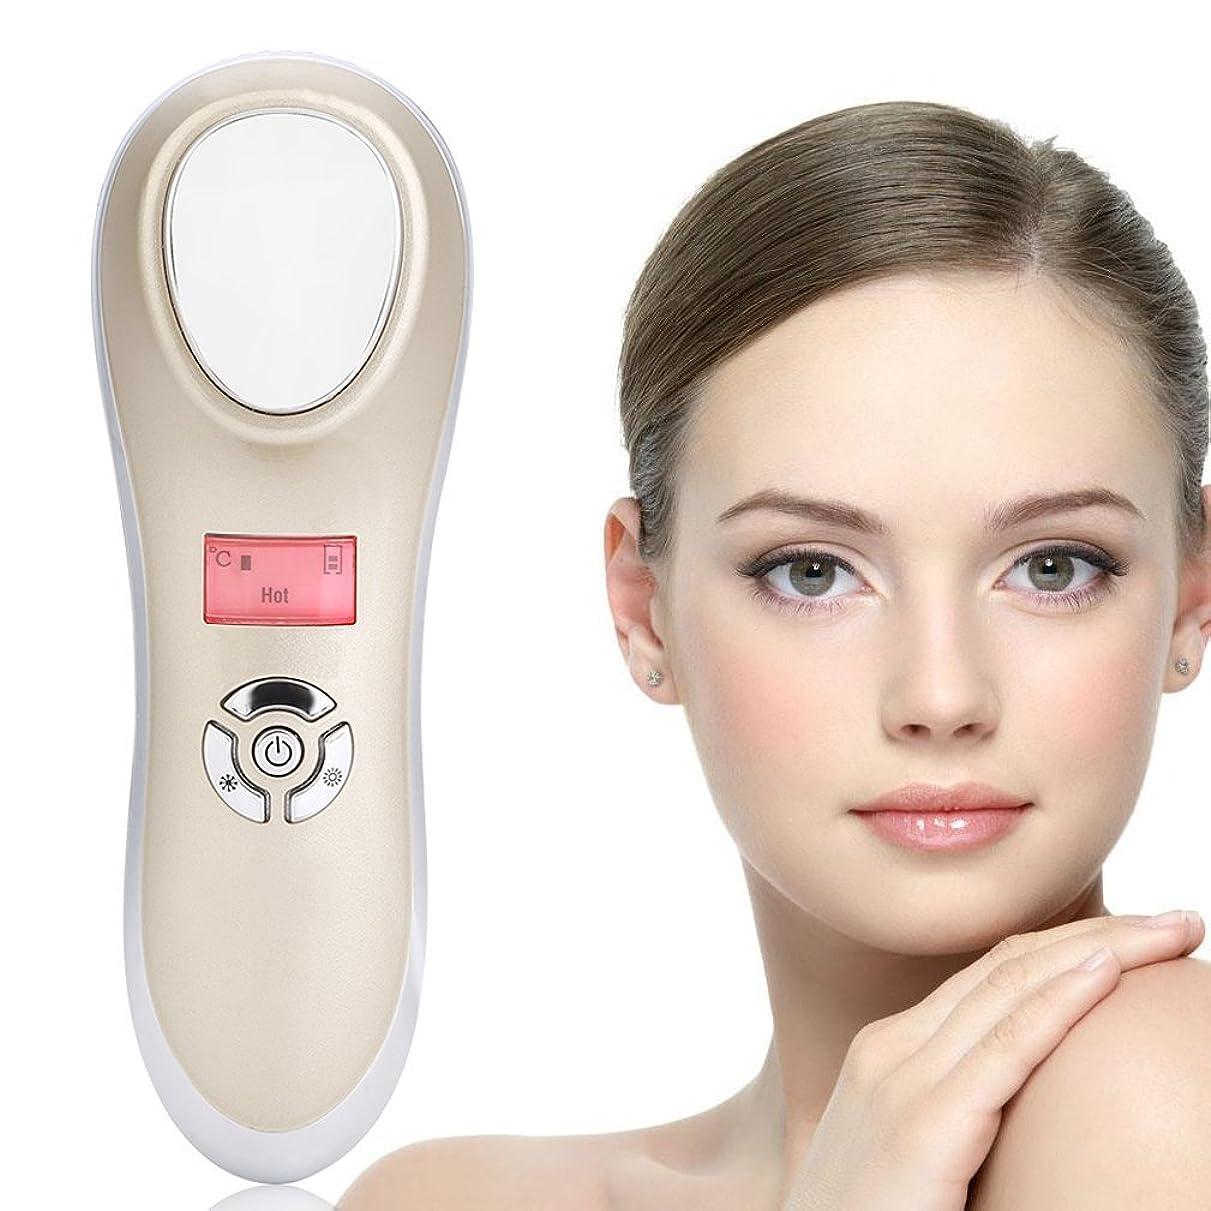 上回るソケットスマート美の器械、携帯用手持ち型の音波再充電可能なイオン顔のマッサージャーの熱くそして冷たい機械スキンケア装置